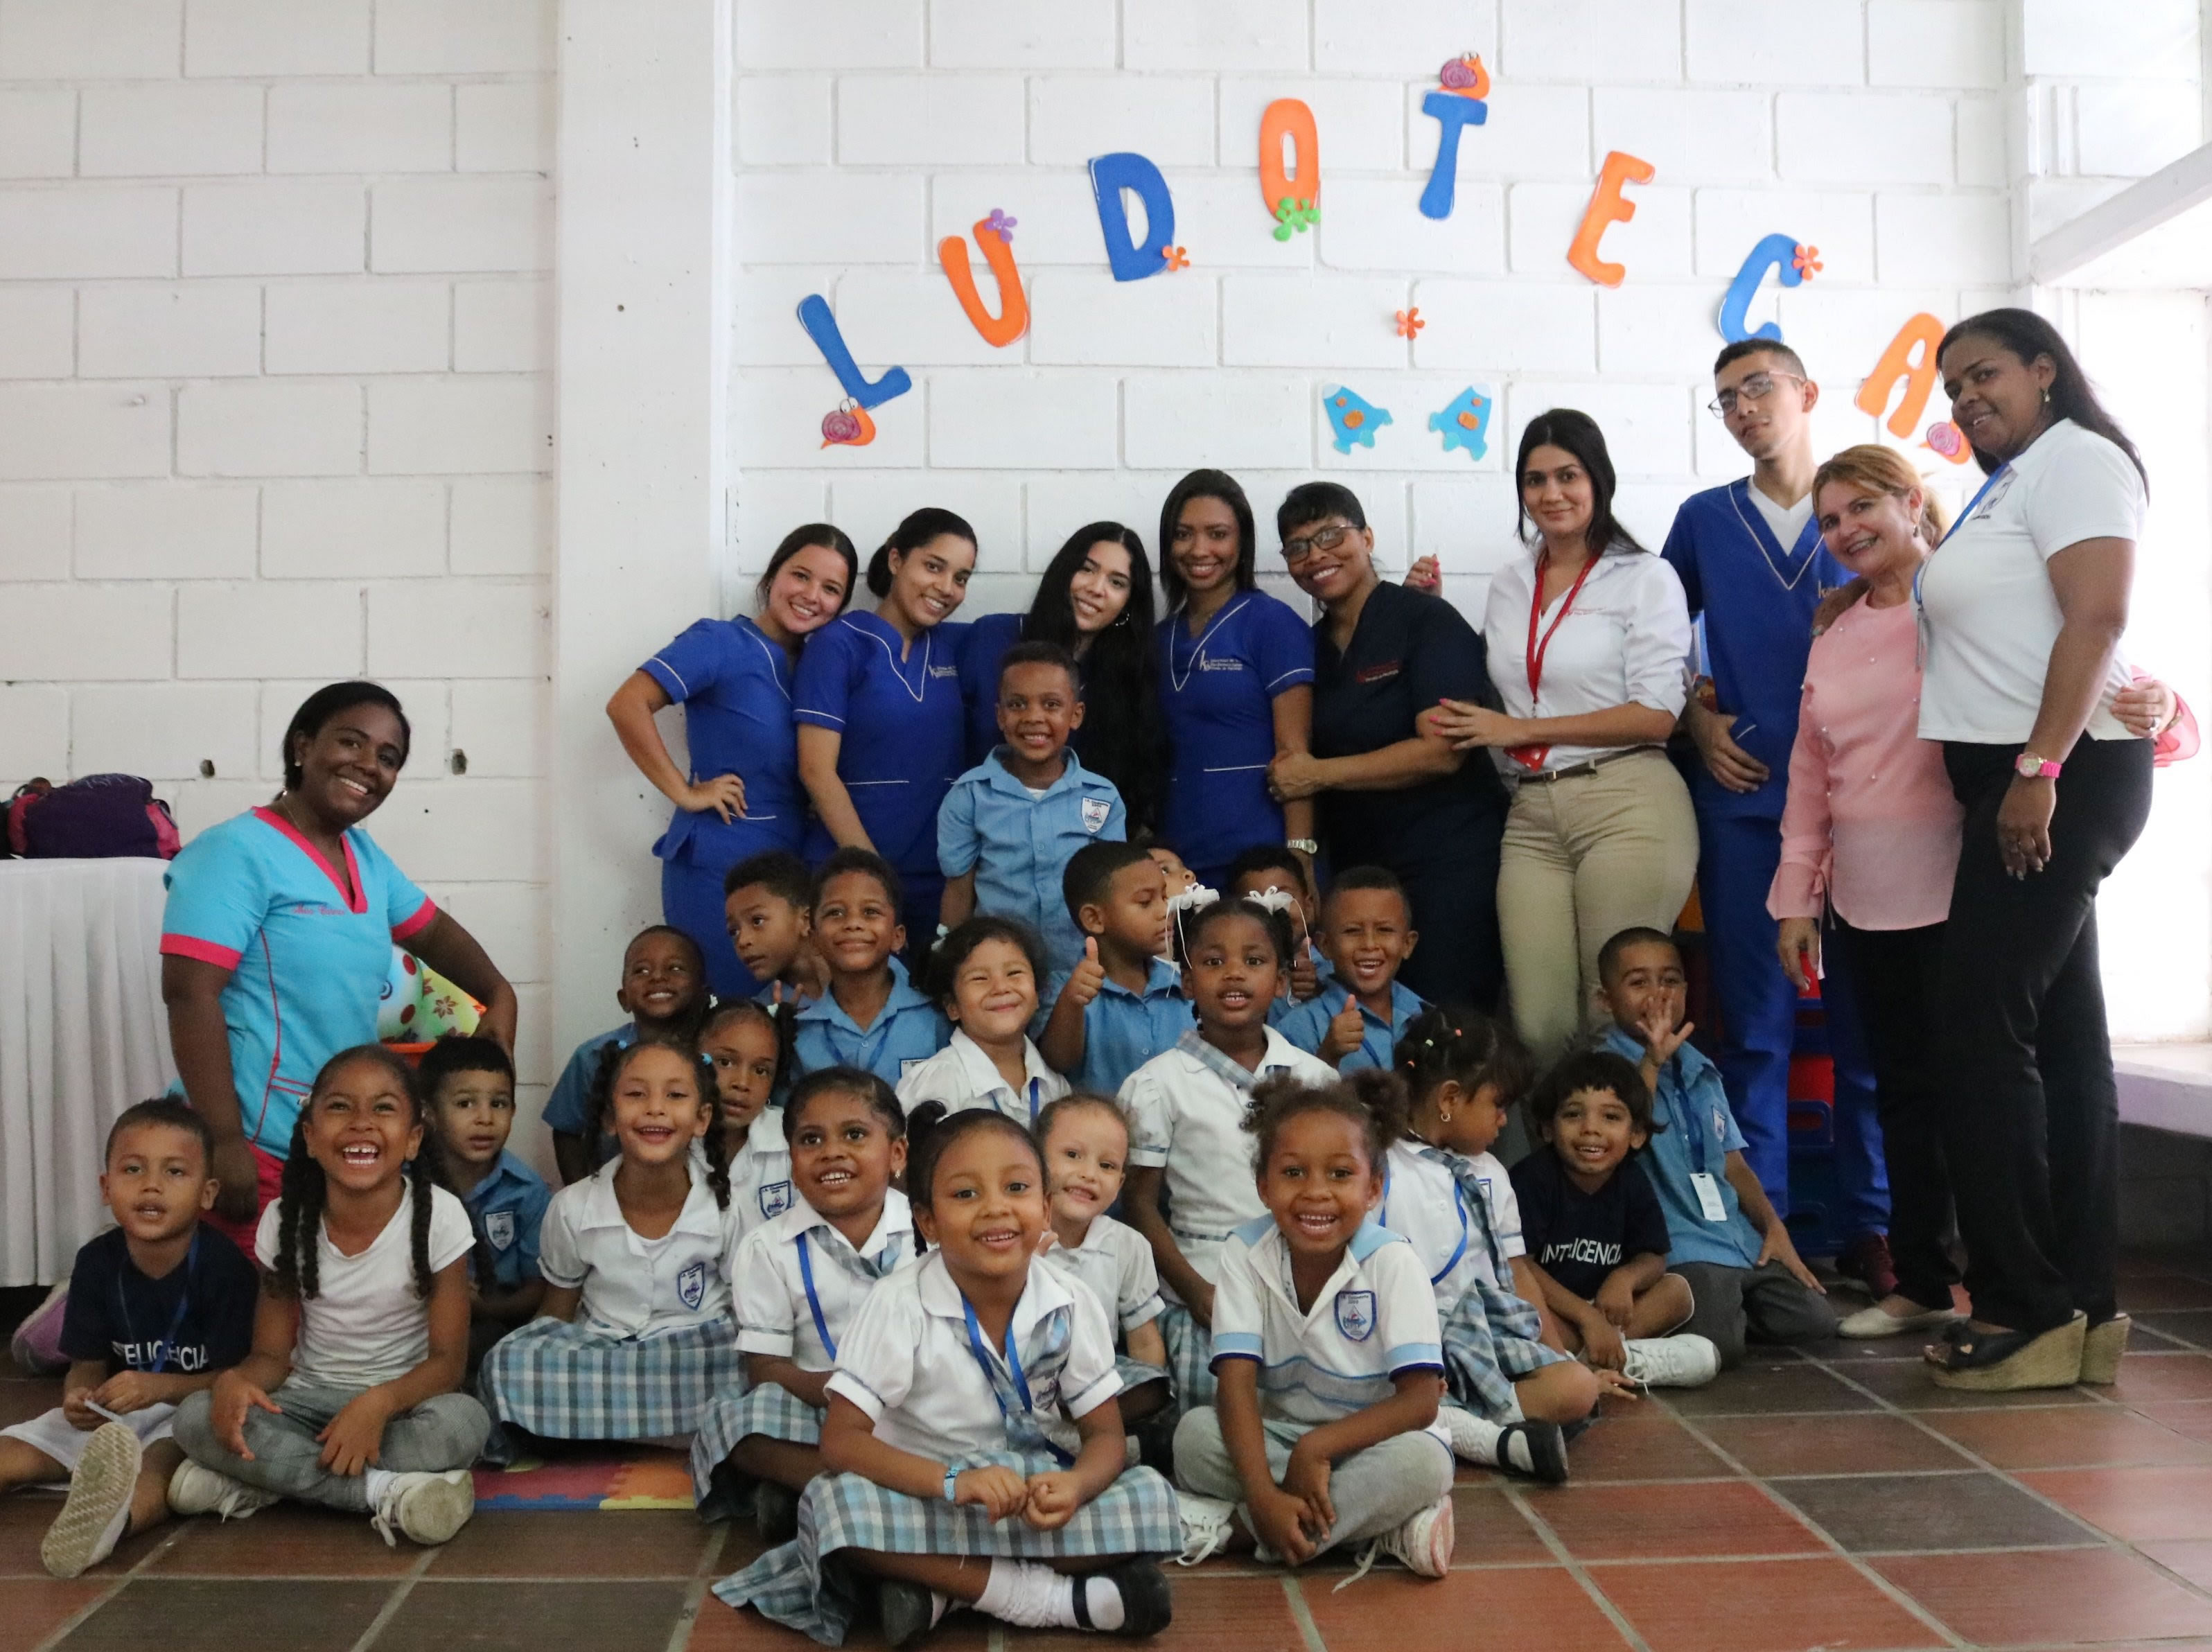 Inauguración de Ludoteca en la Institución Educativa Ciudadela 2000